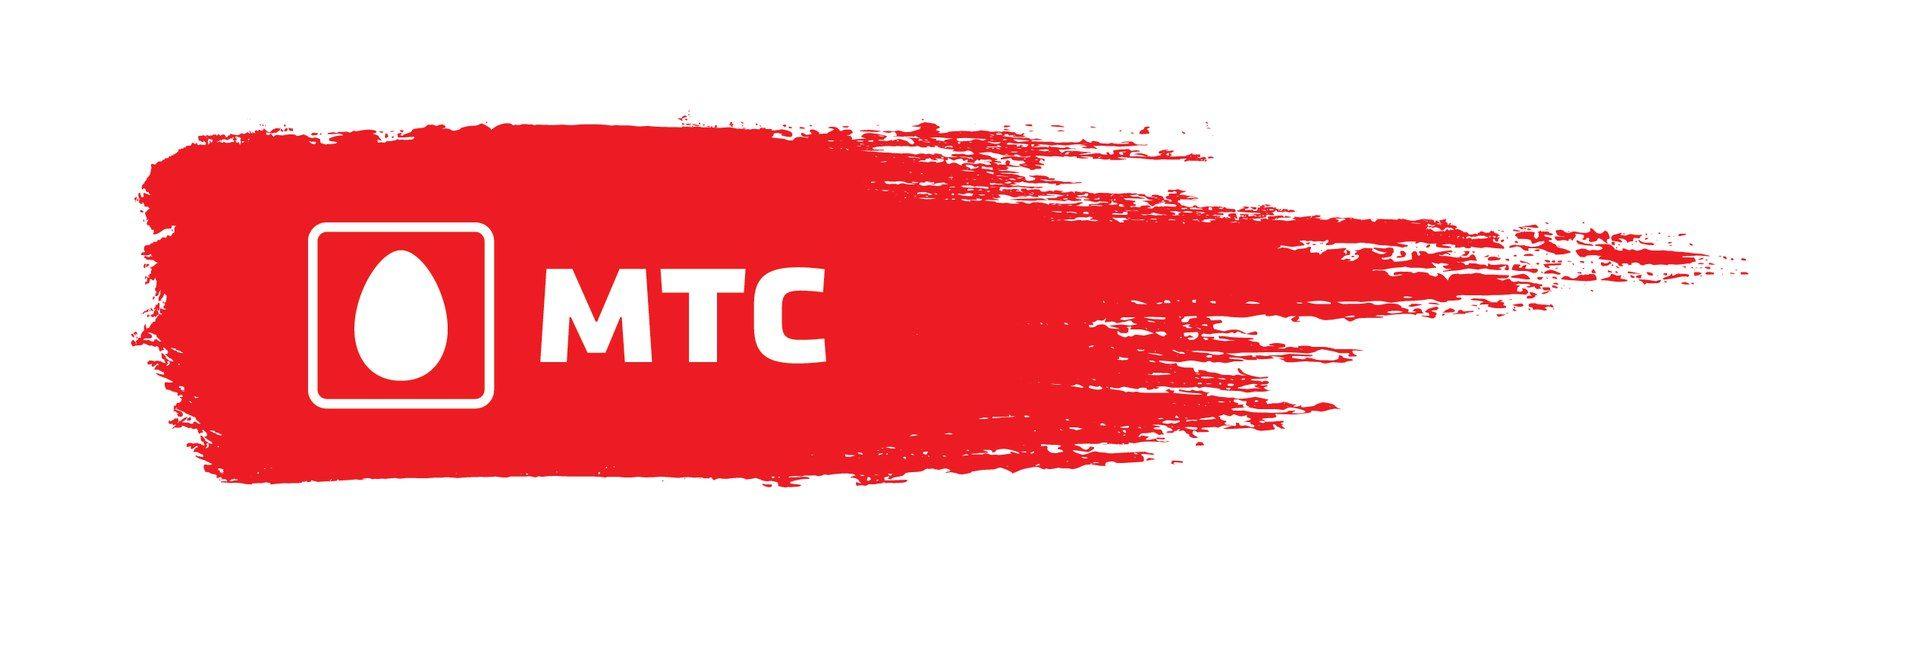 Внезапная смена компанией «МТС» логотипа и слогана впервые за 13 лет